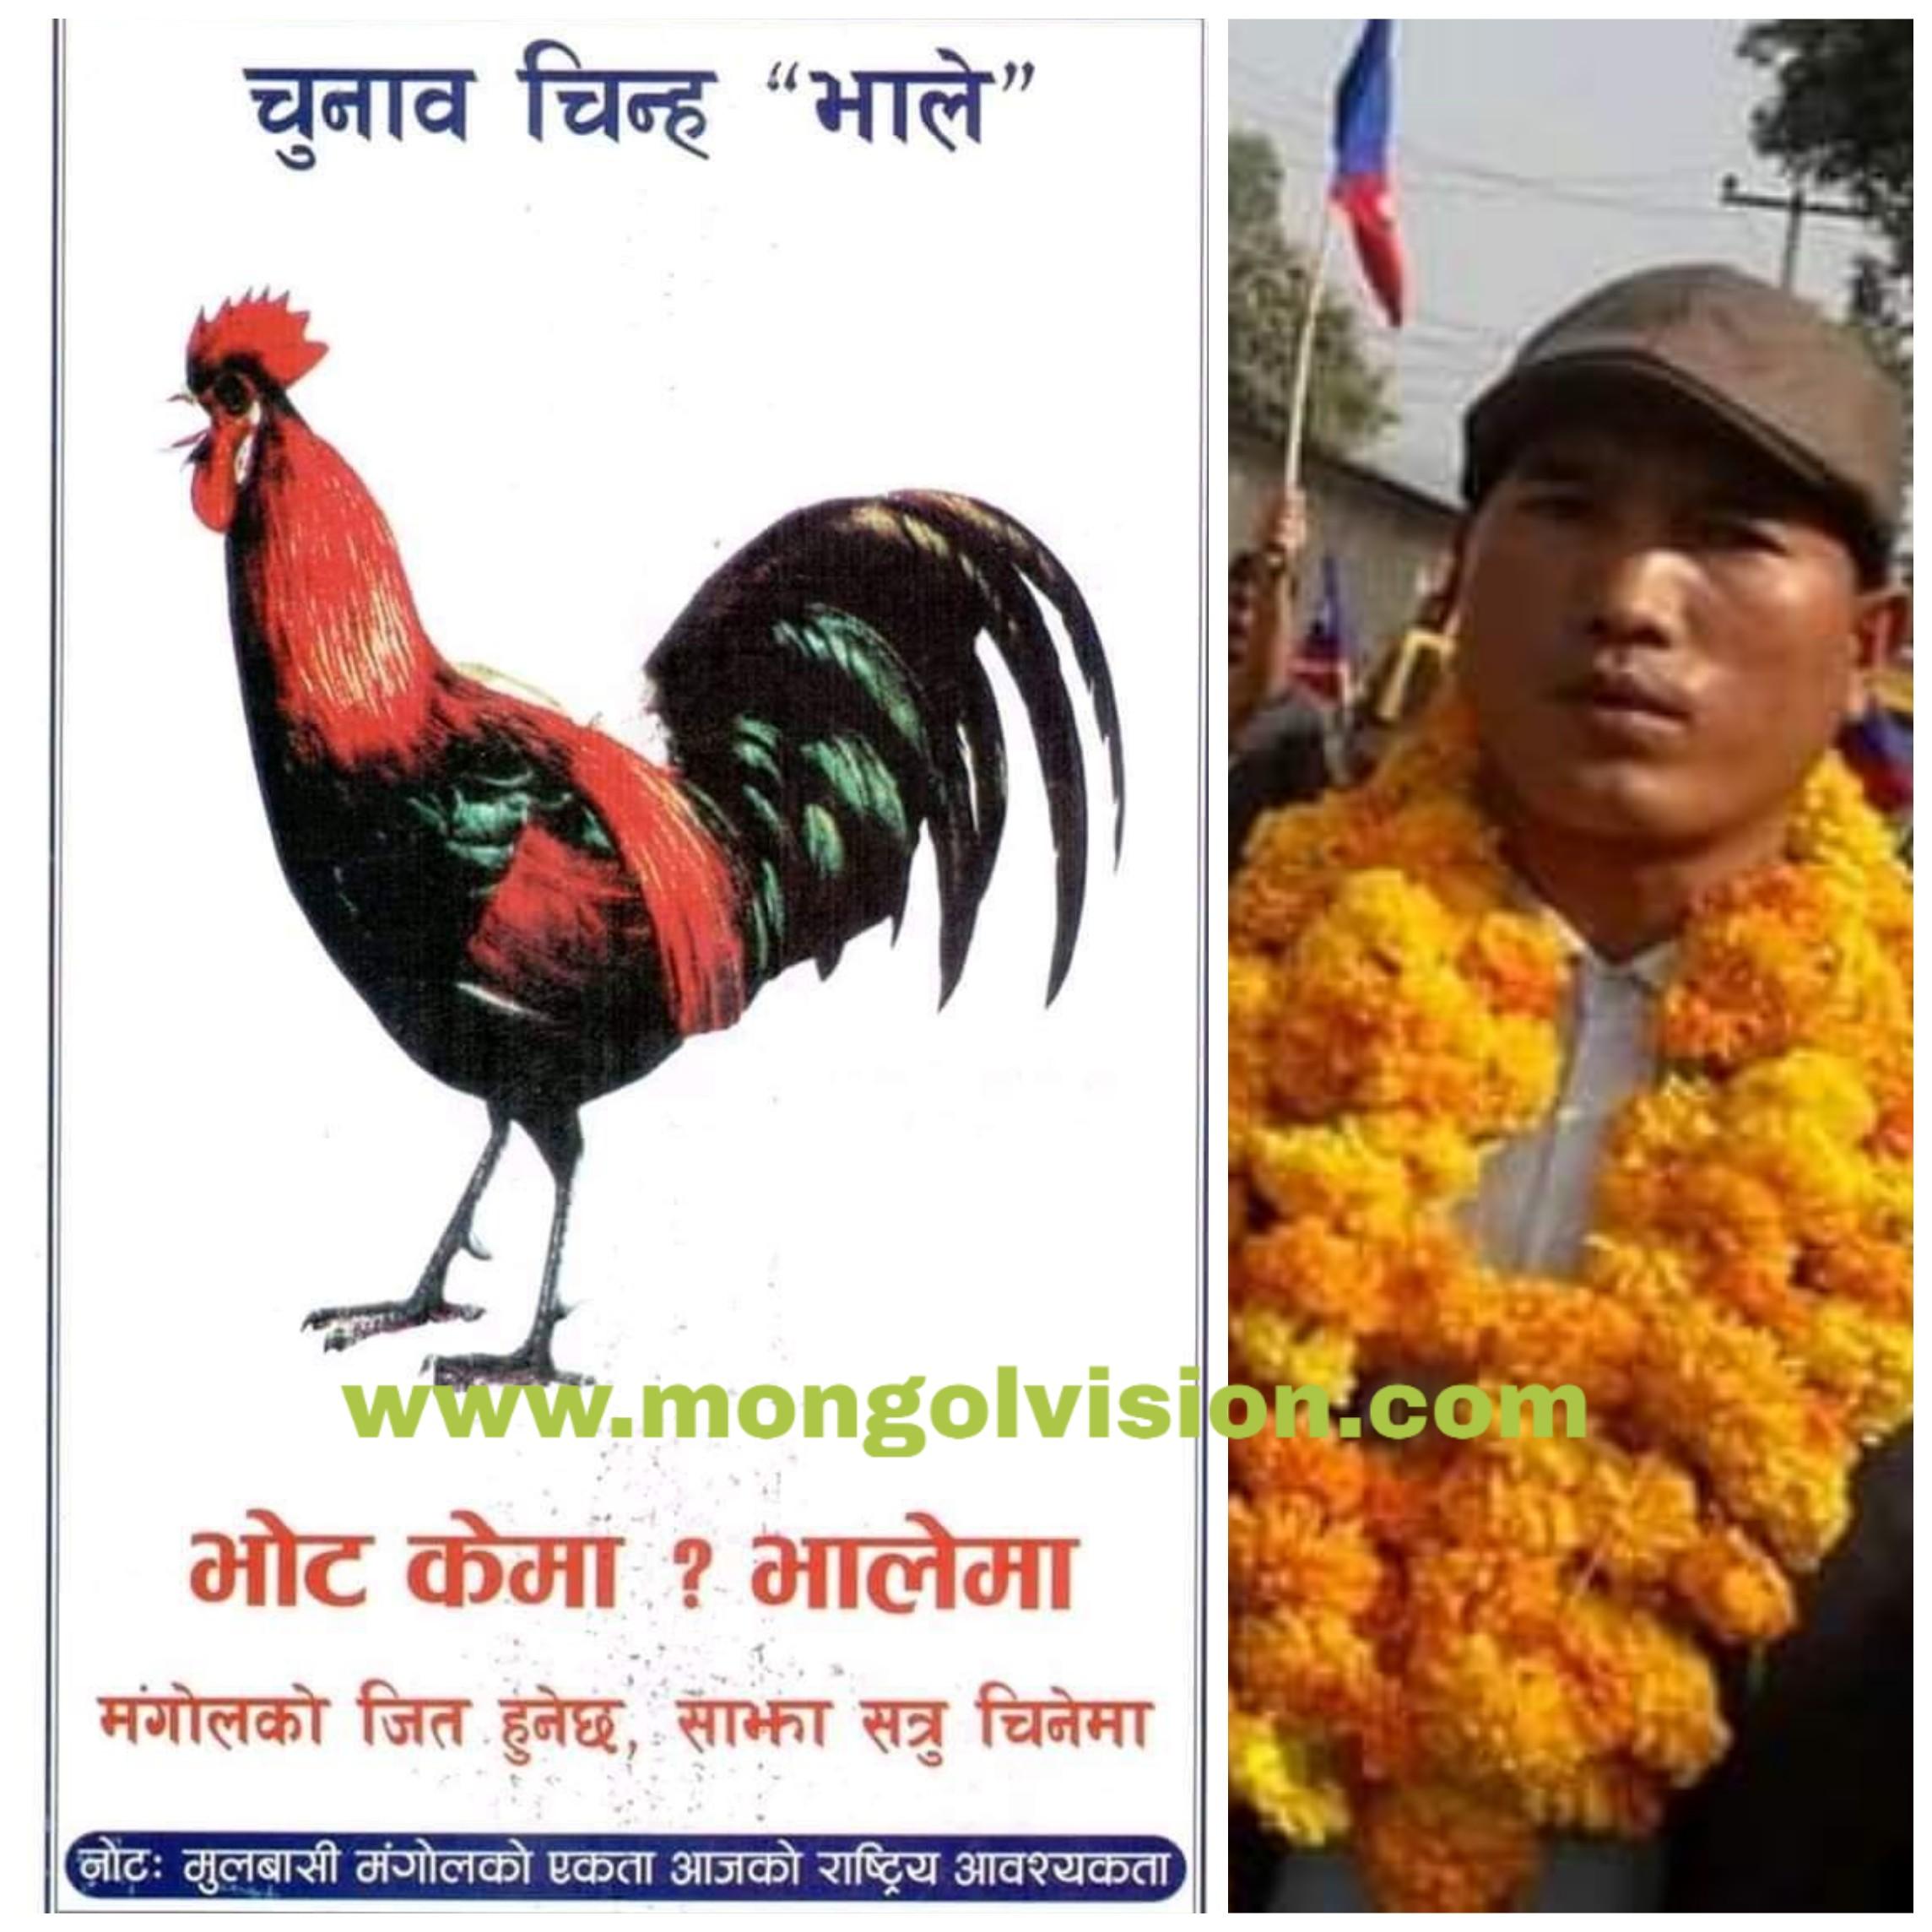 दाङमा एम एनओको चुनावी प्रचार प्रसार तिब्र